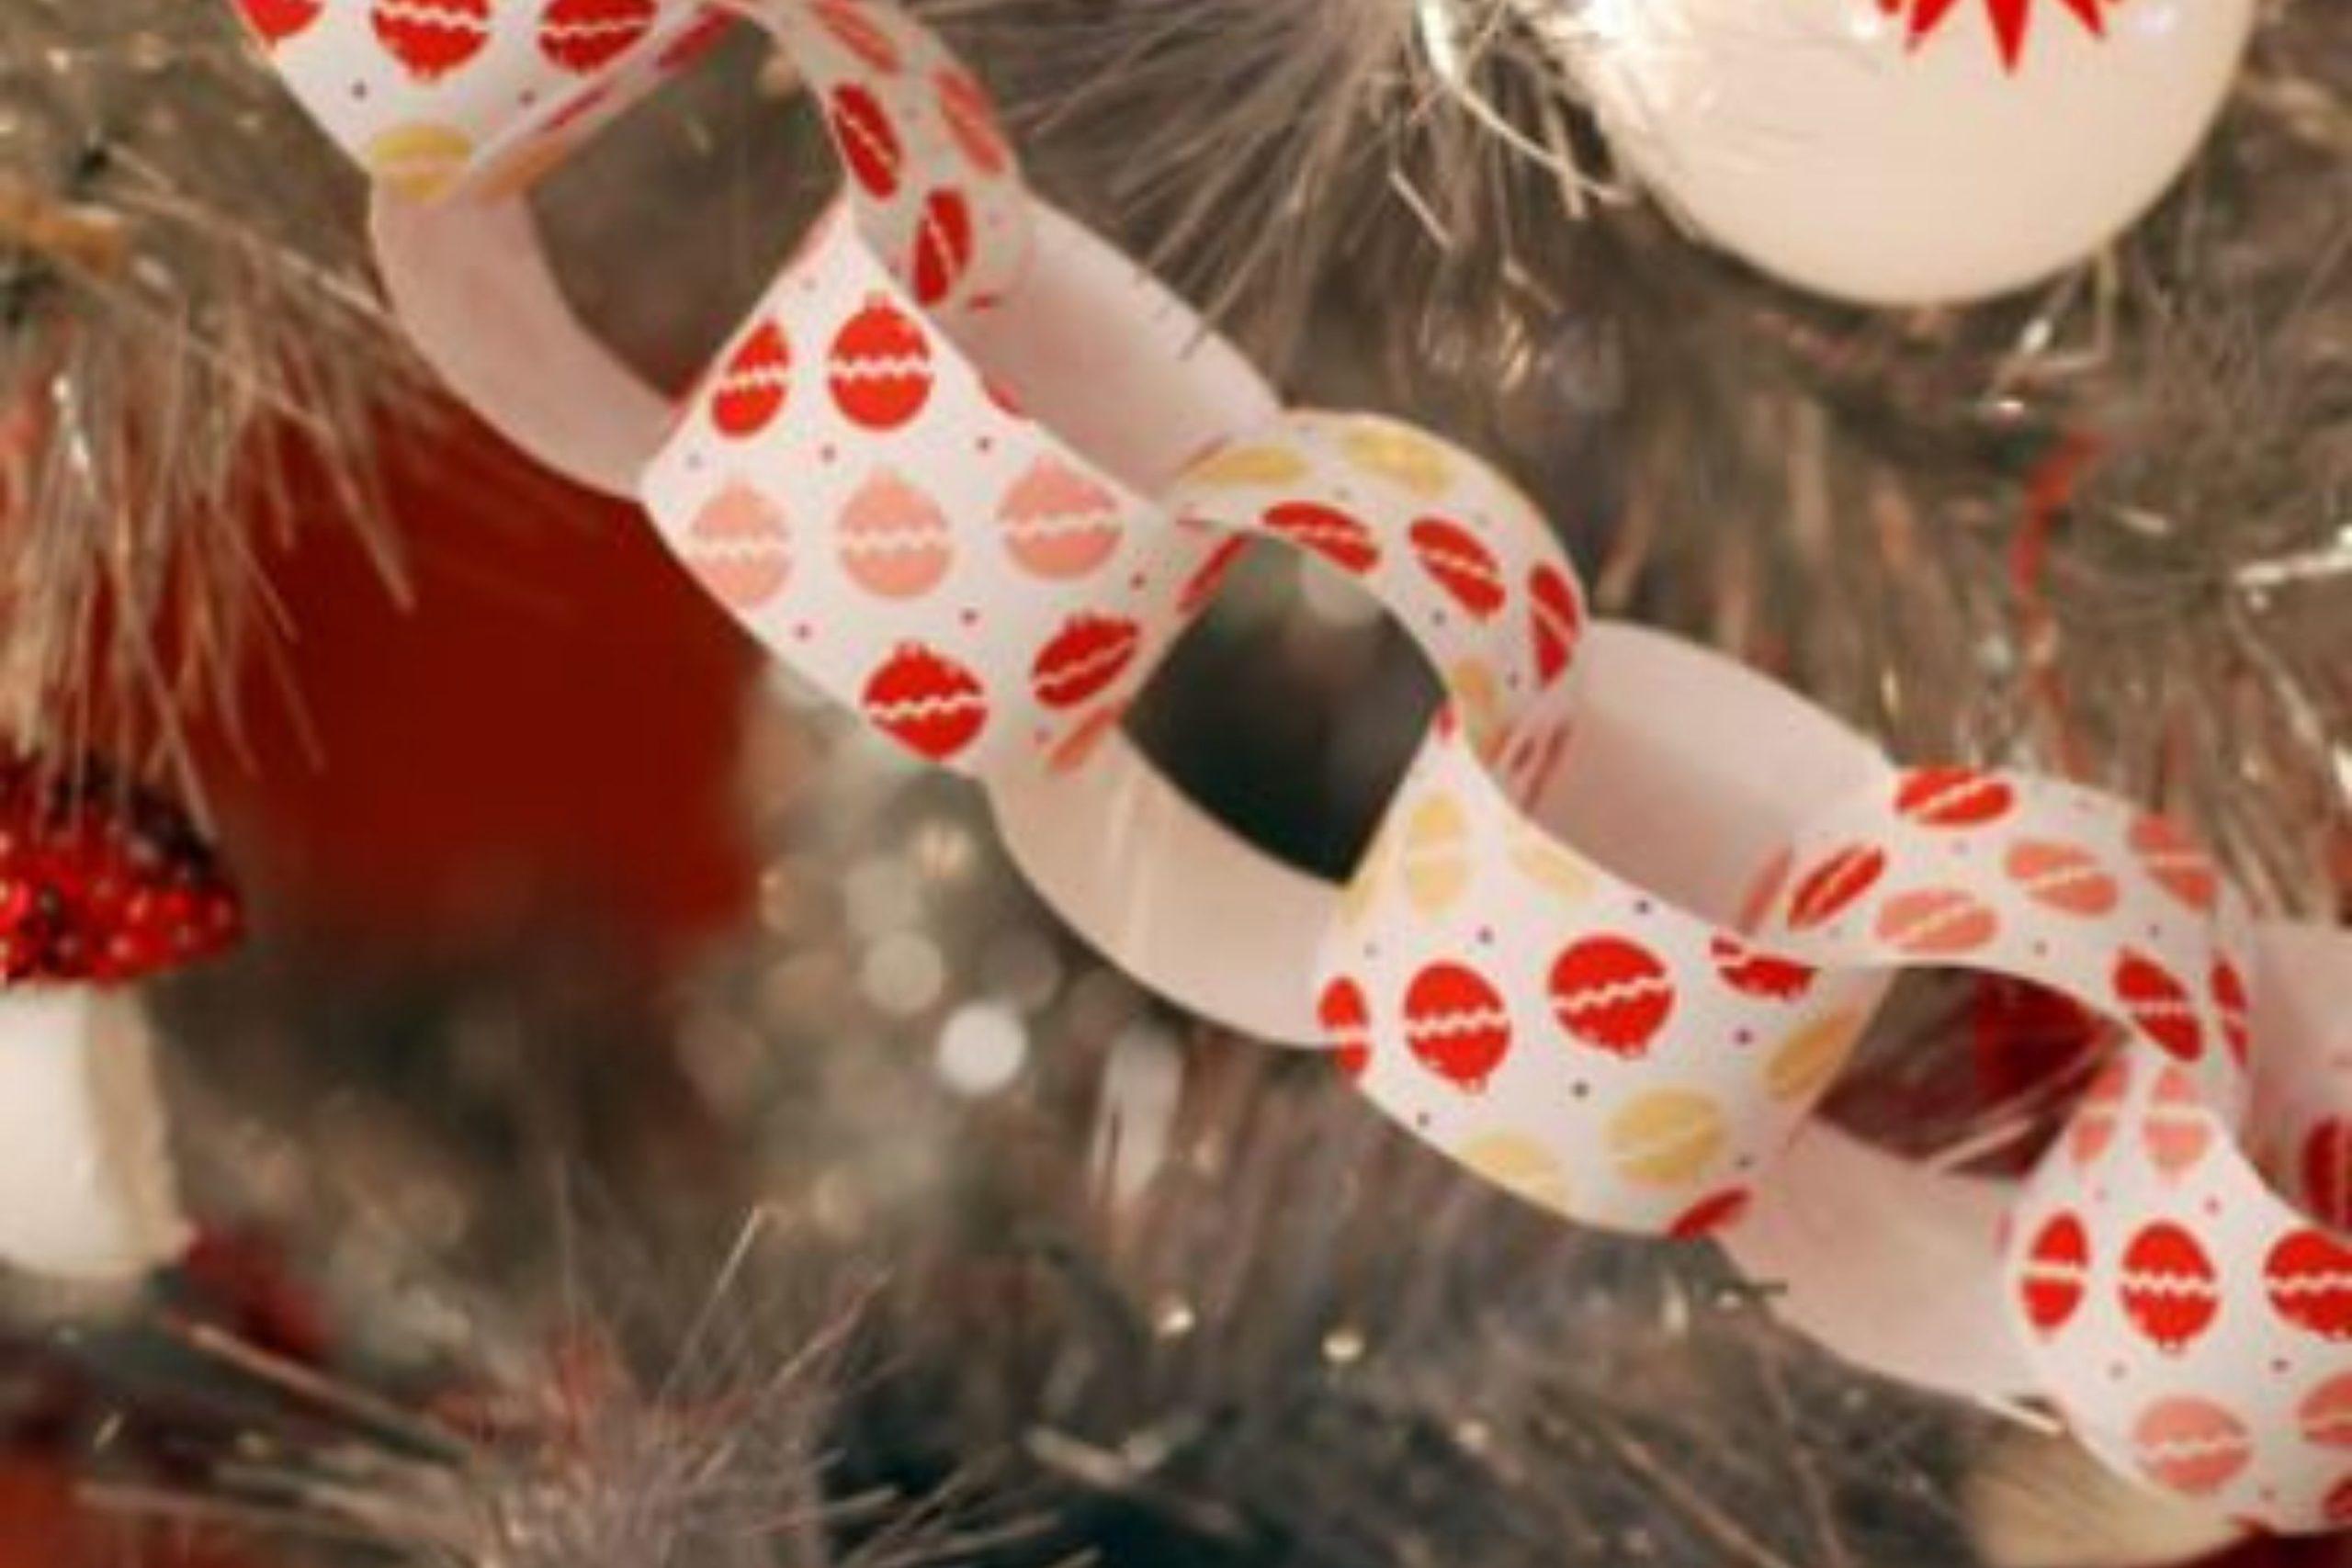 Girlanden aus Schneeflocken, Sternen, gesäumt für das neue Jahr